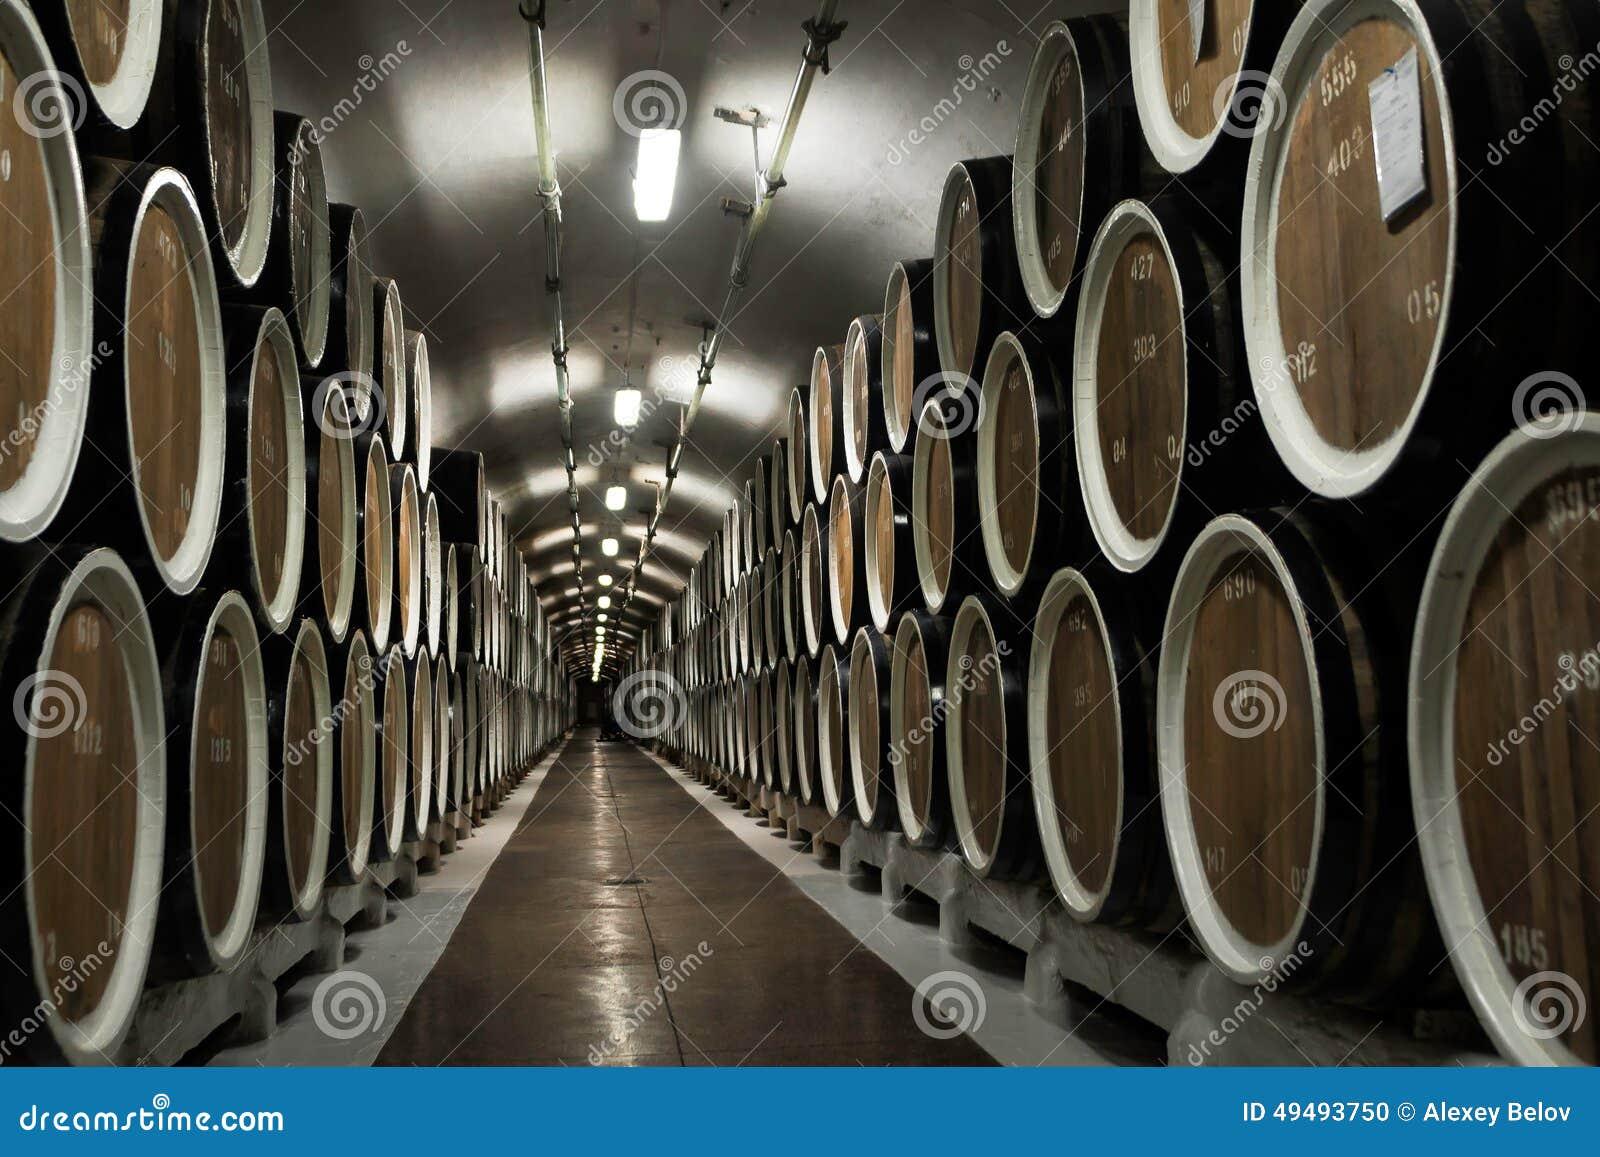 Fußboden Aus Alten Weinfässern ~ Lager von weinfässern an der weinkellerei stockfoto bild von